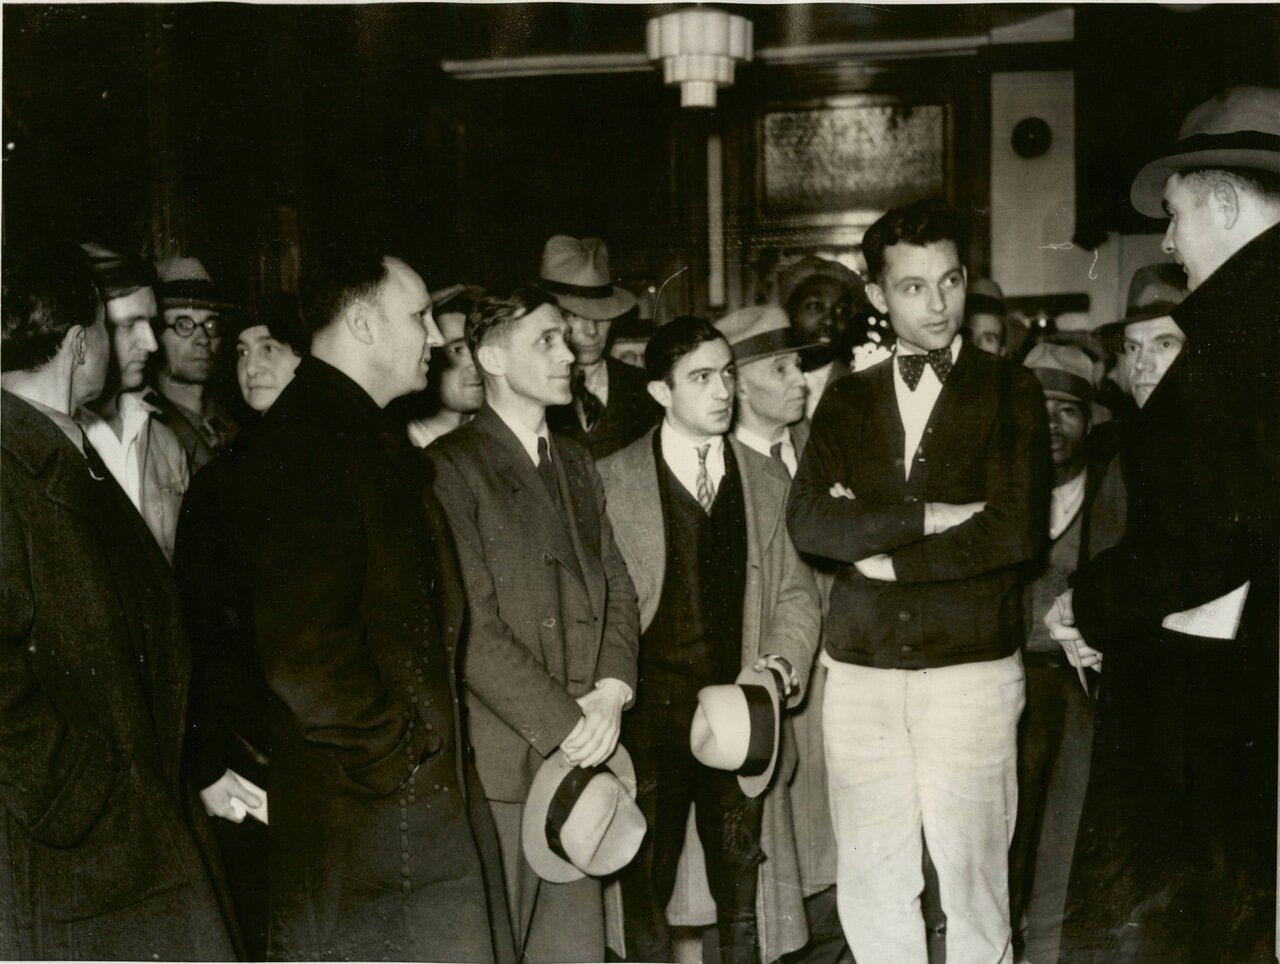 1933. Протестующие против суда над поджигателями Рейхстага, Окленд, штат Калифорния